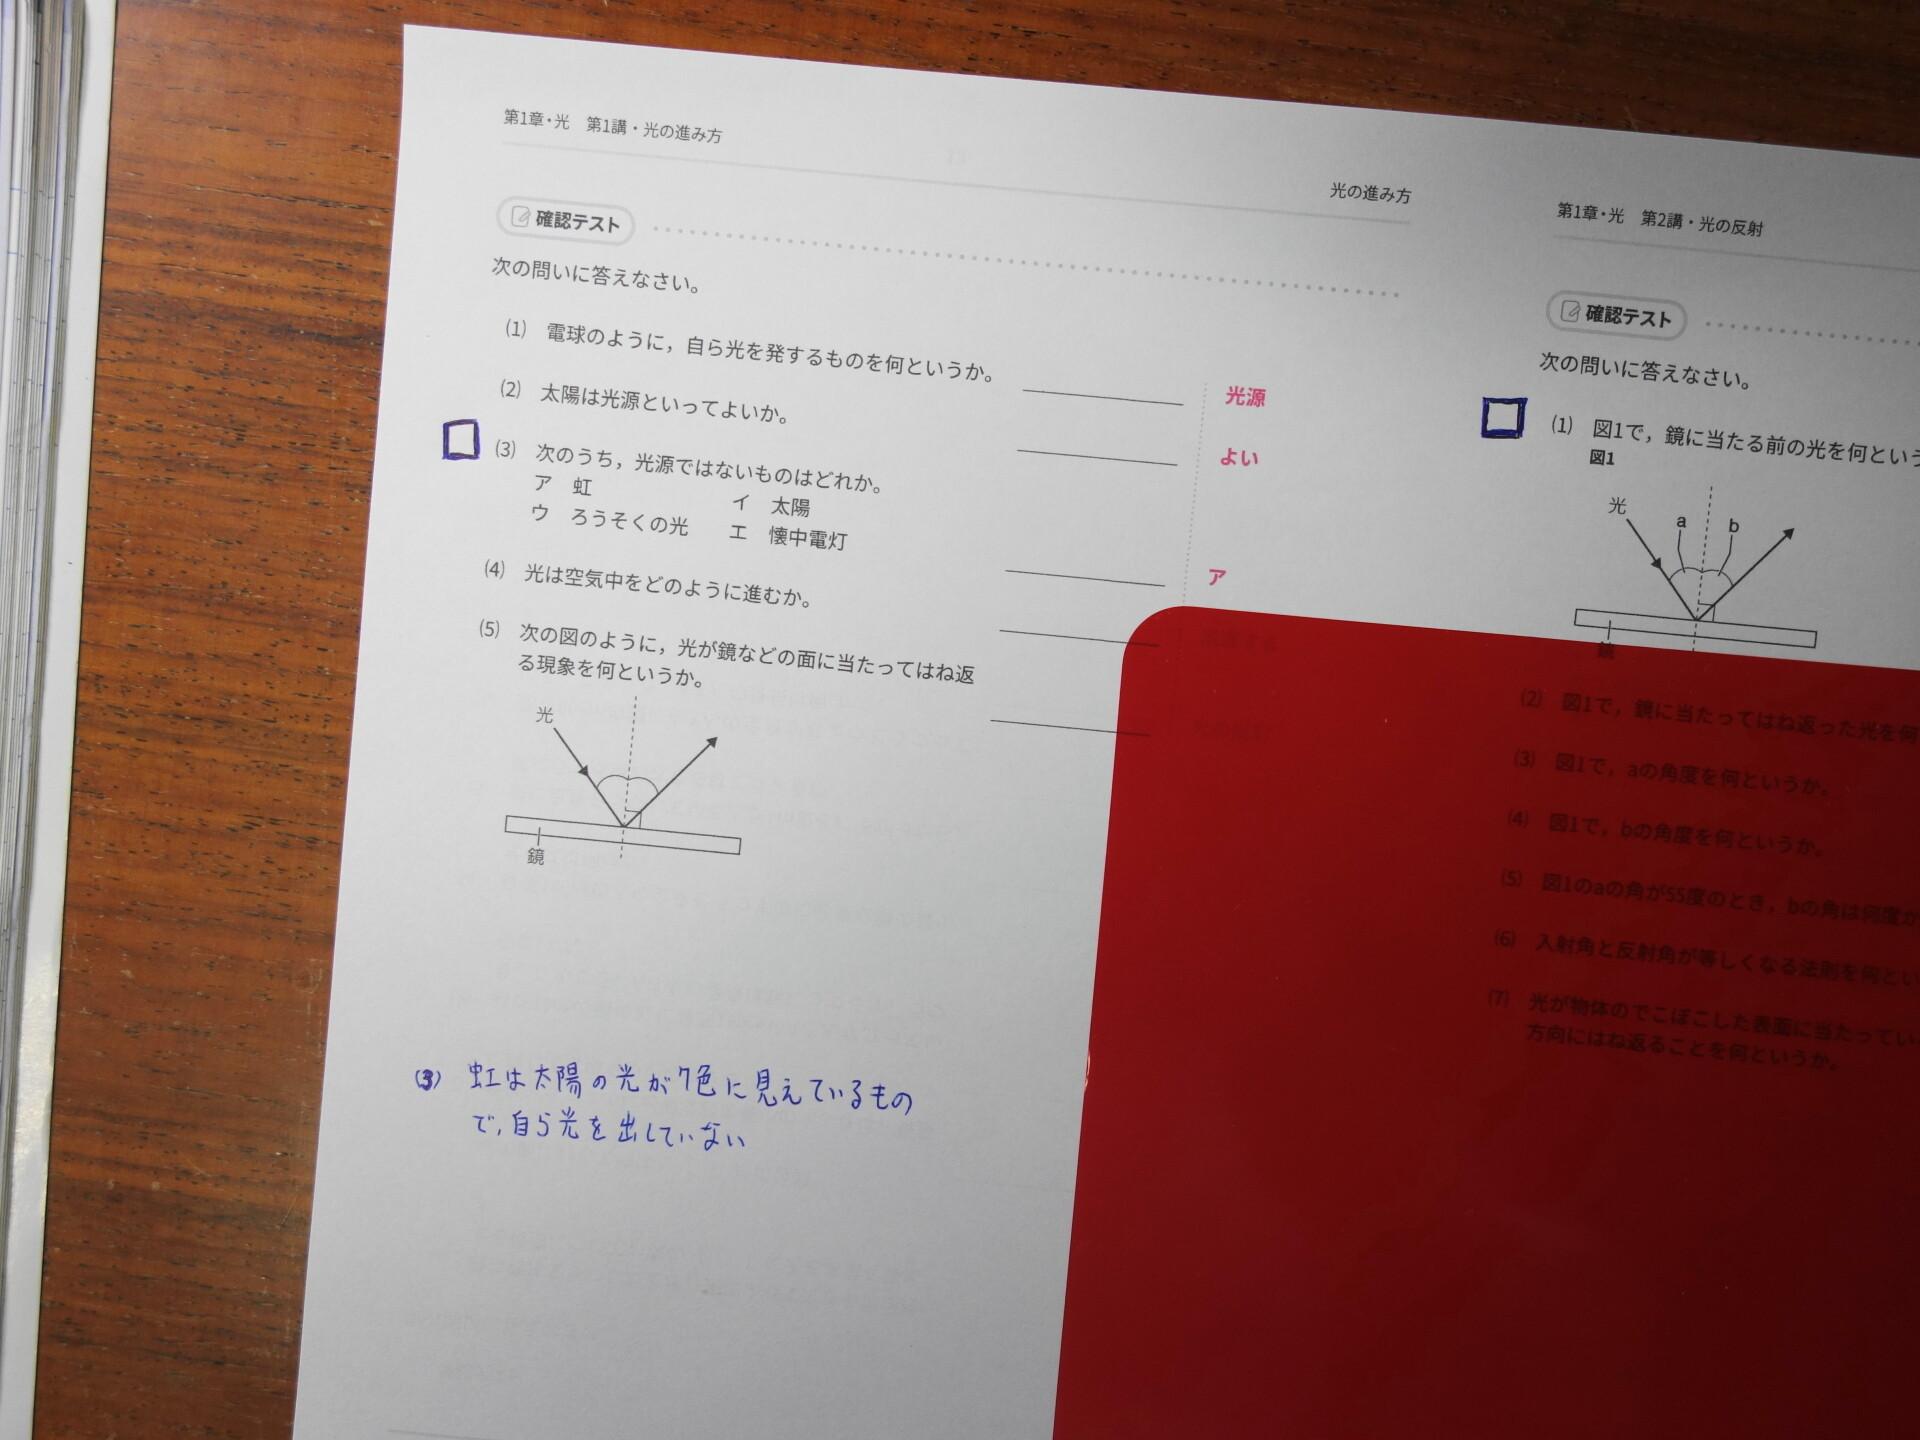 チェックボックスなどの書き込みを行ったスタサプの確認テスト